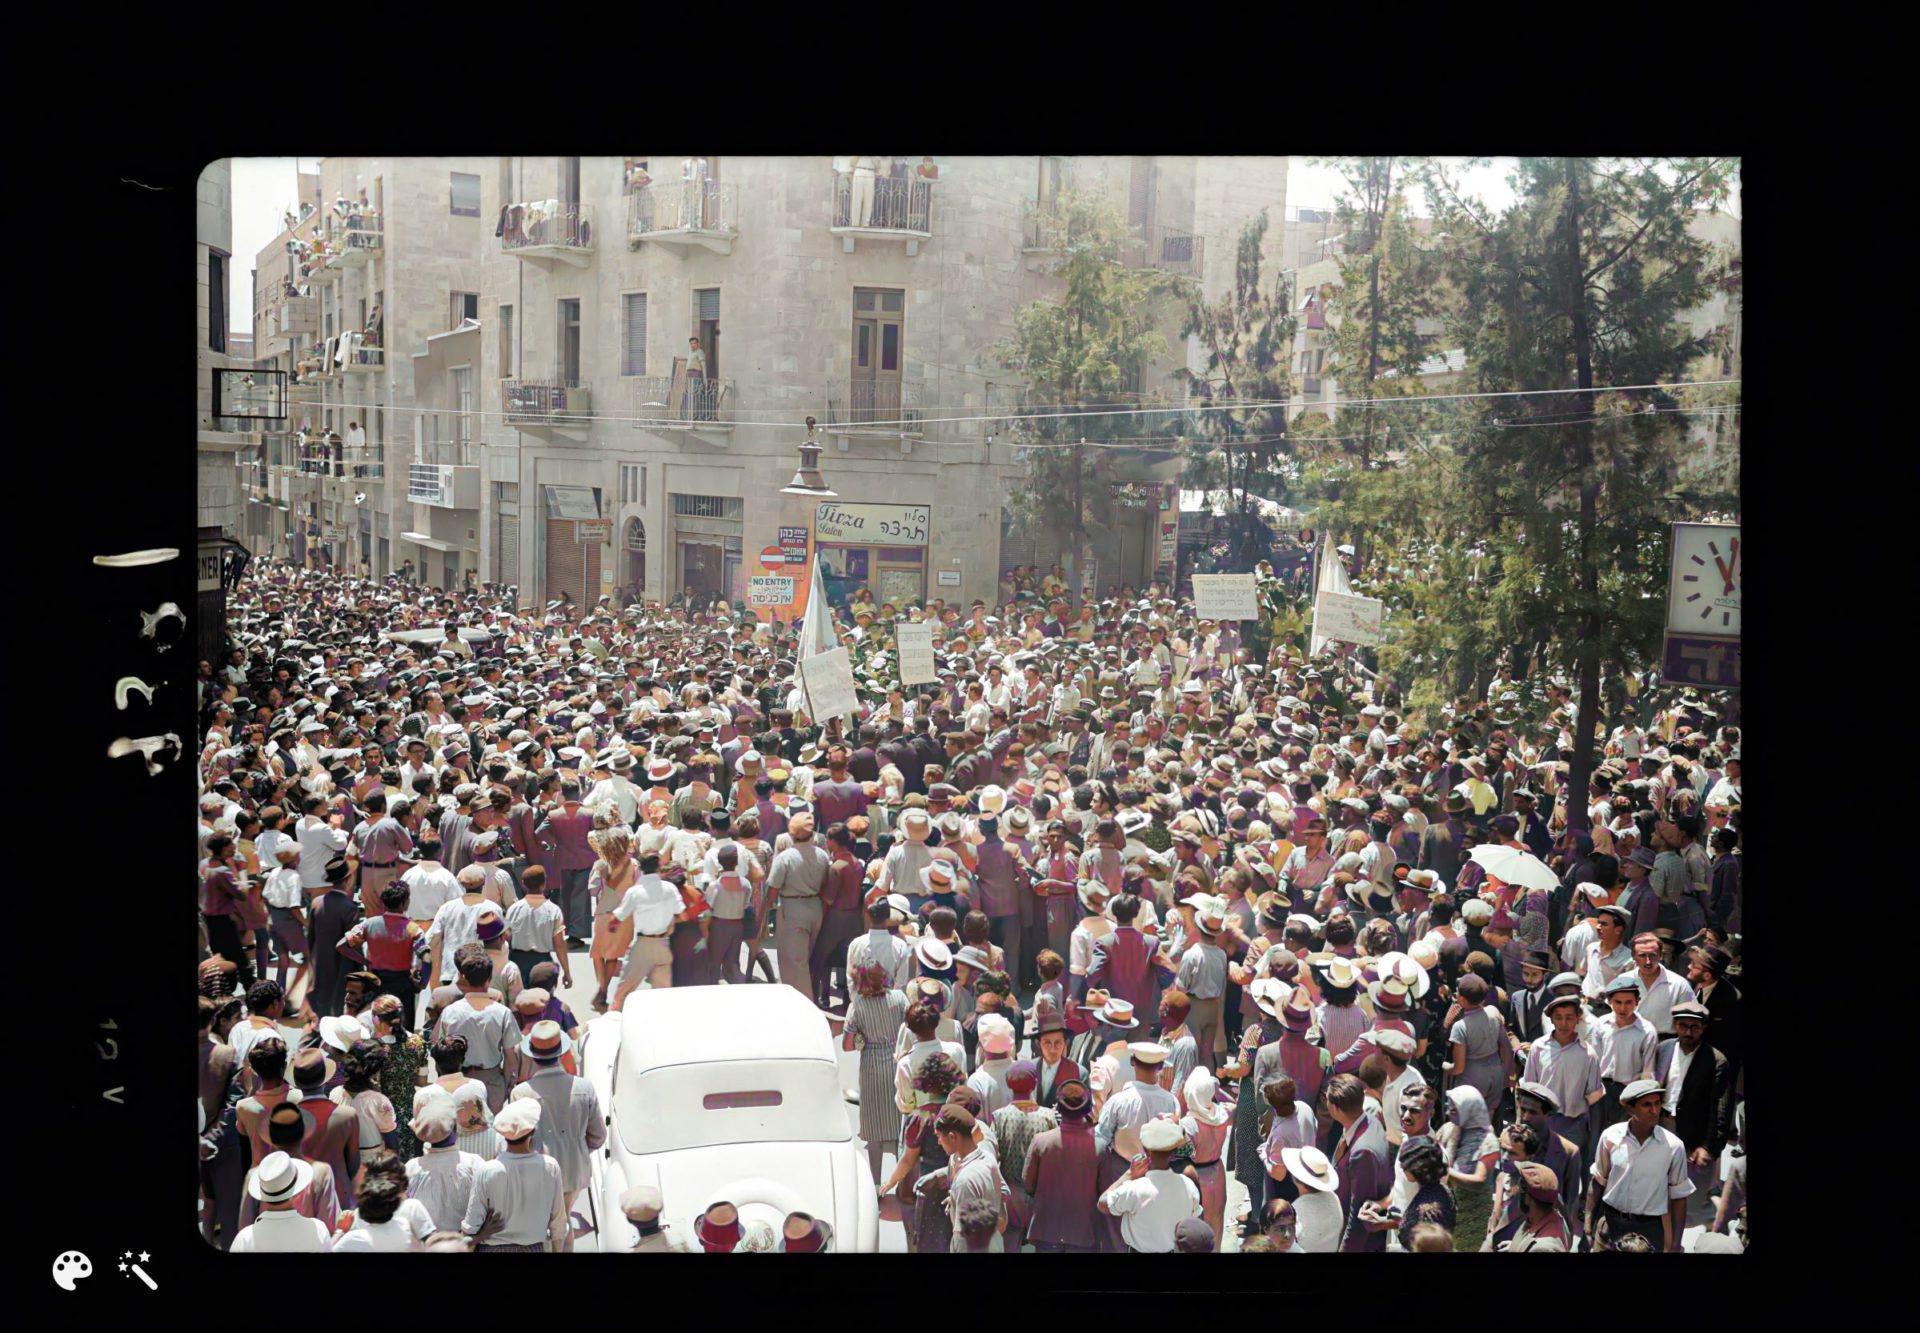 הפגנות בירושלים, בפינת הרחובות קינג ג'ורג' ואגריפס נגד הספר הלבן, 18 במאי 1939. מספר תמונה: LC-DIG-matpc-18331